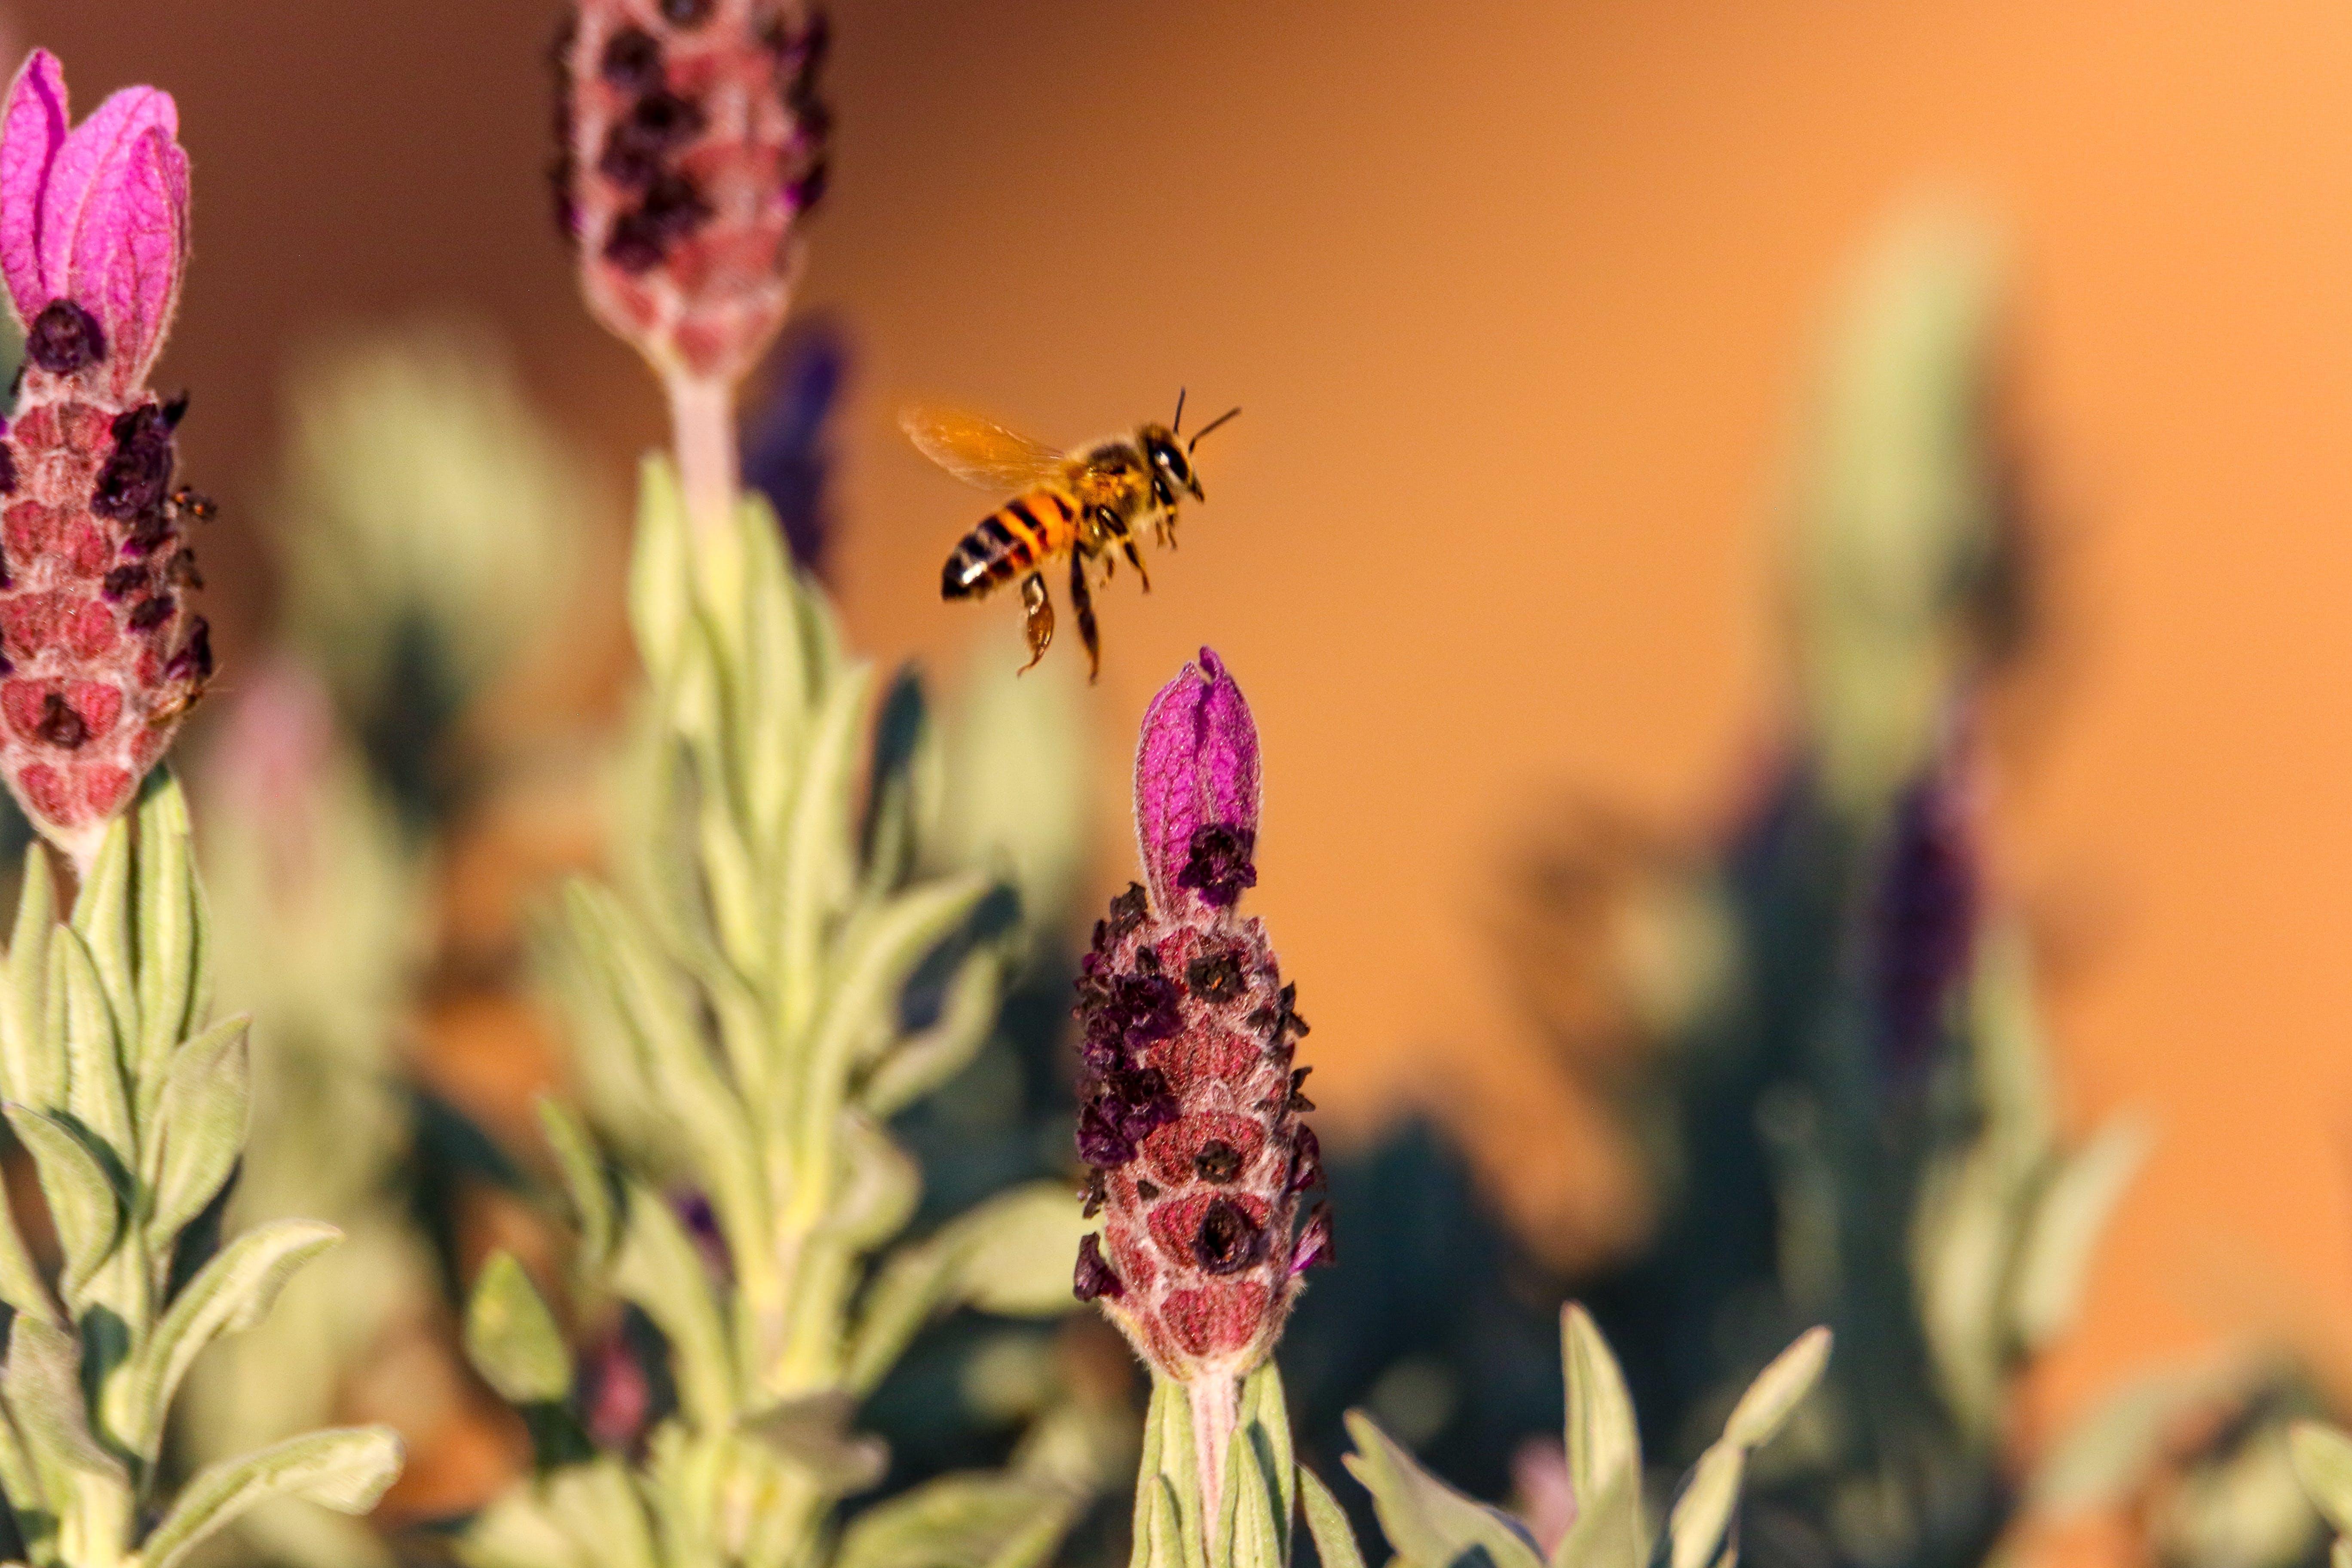 Brown Honeybee Flying on Pink Flower